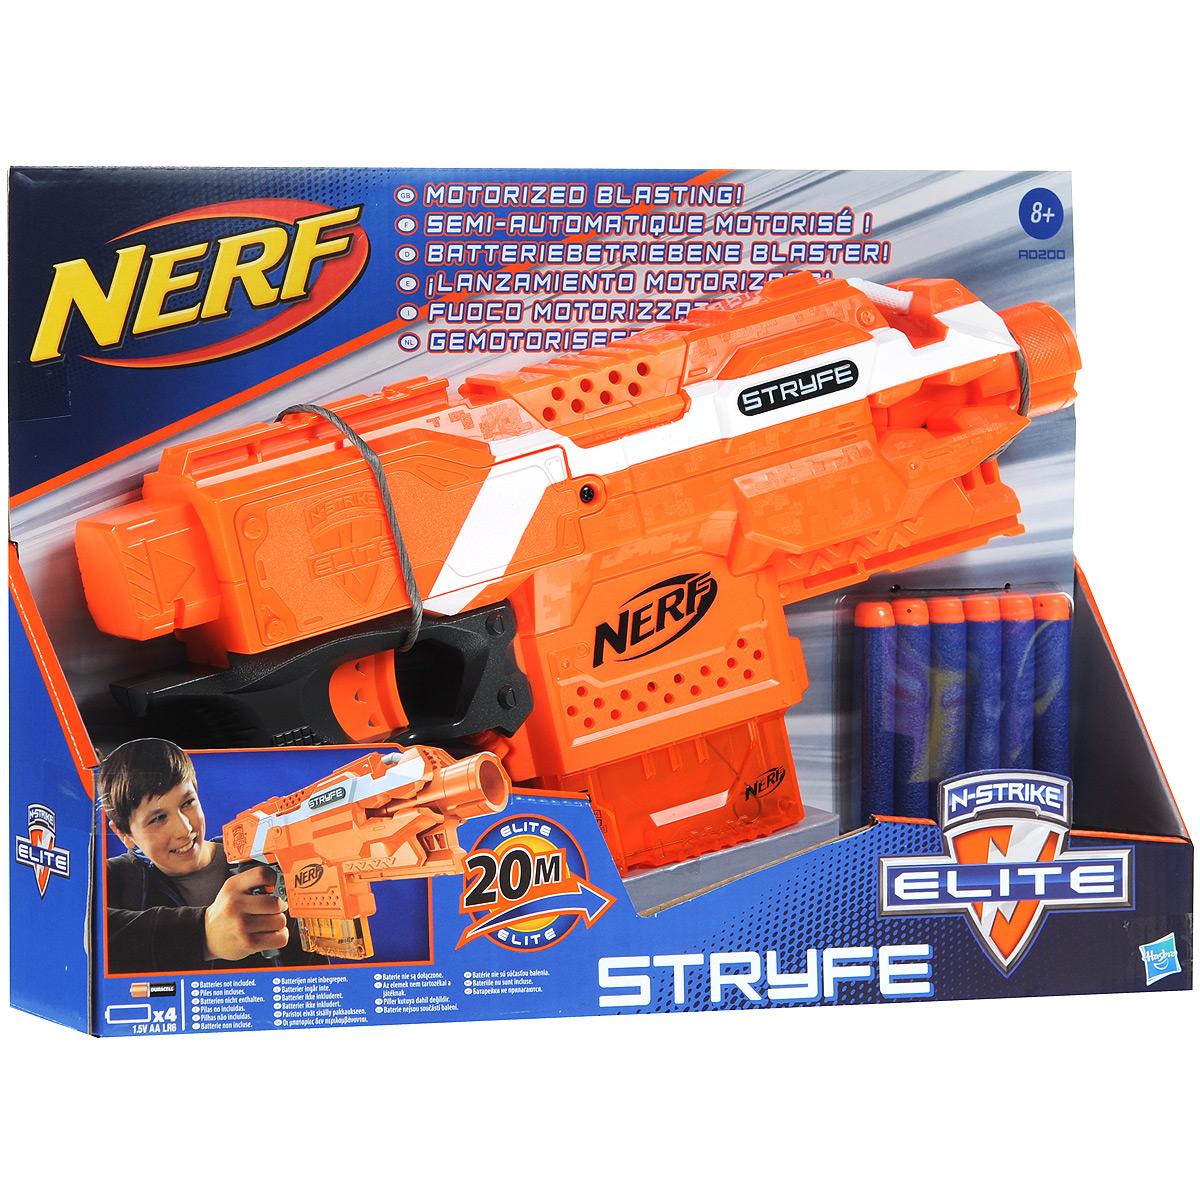 """Бластер Nerf """"Stryfe"""" позволит вашему ребенку почувствовать себя во всеоружии! Он выполнен из яркого безопасного пластика оранжевого цвета и снабжен обоймой на шесть патронов для суперскоростной стрельбы. Комплект включает в себя шесть патронов, выполненных из гибкого вспененного полимера. Бластер стреляет на расстояние до 20 метров. На нем имеется кнопка включения автоматической стрельбы и крепежная рейка. Игра с таким бластером поможет ребенку в развитии меткости, ловкости, координации движений и сноровки."""